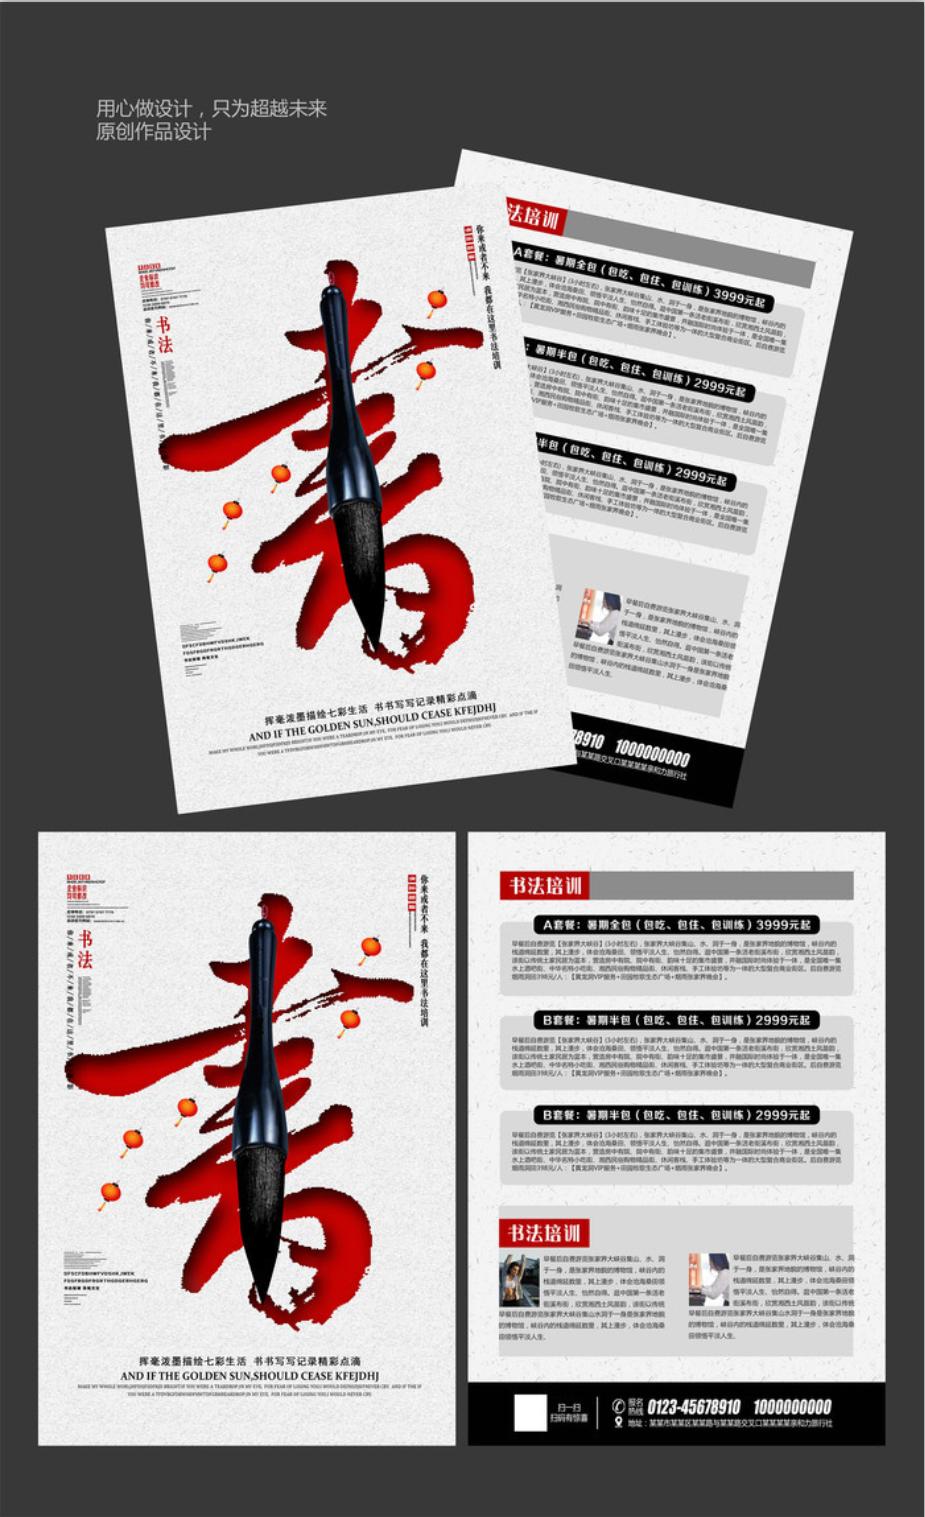 创意宣传单设计参考 有哪些经典的书法培训班宣传单